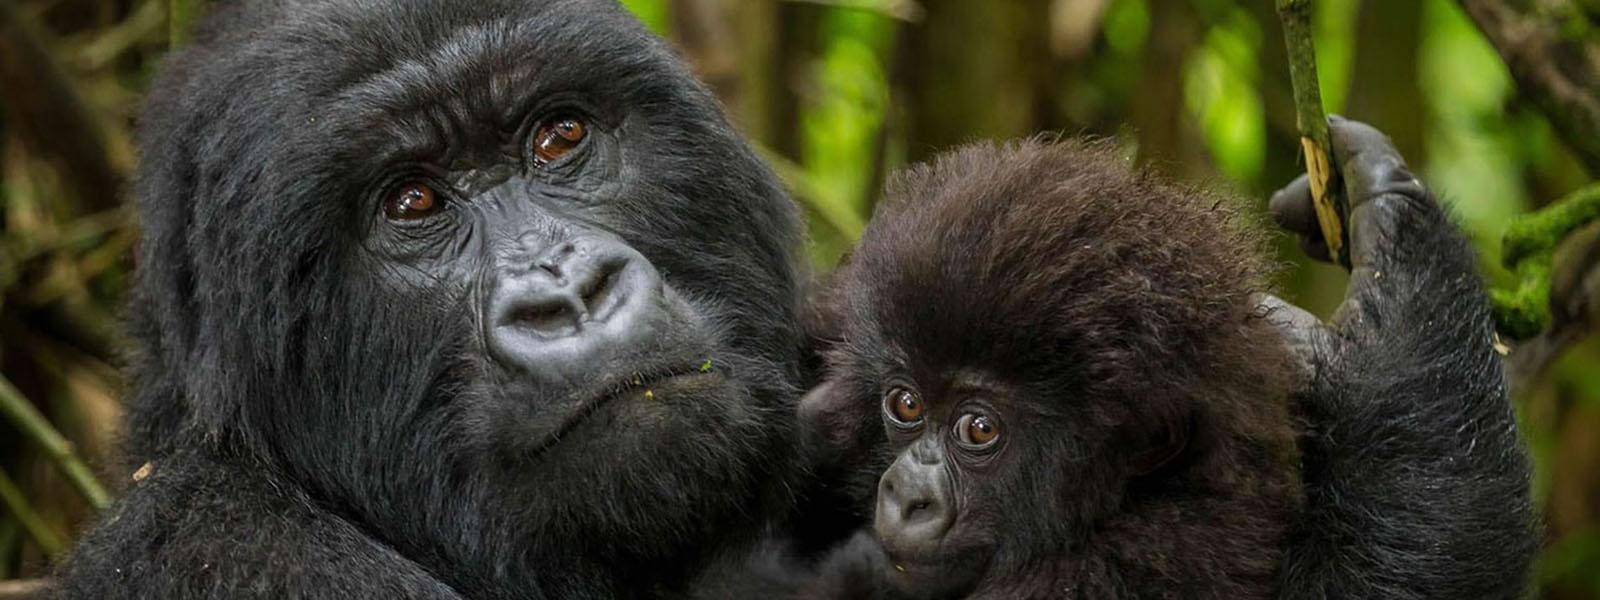 Africa Primates Safaris